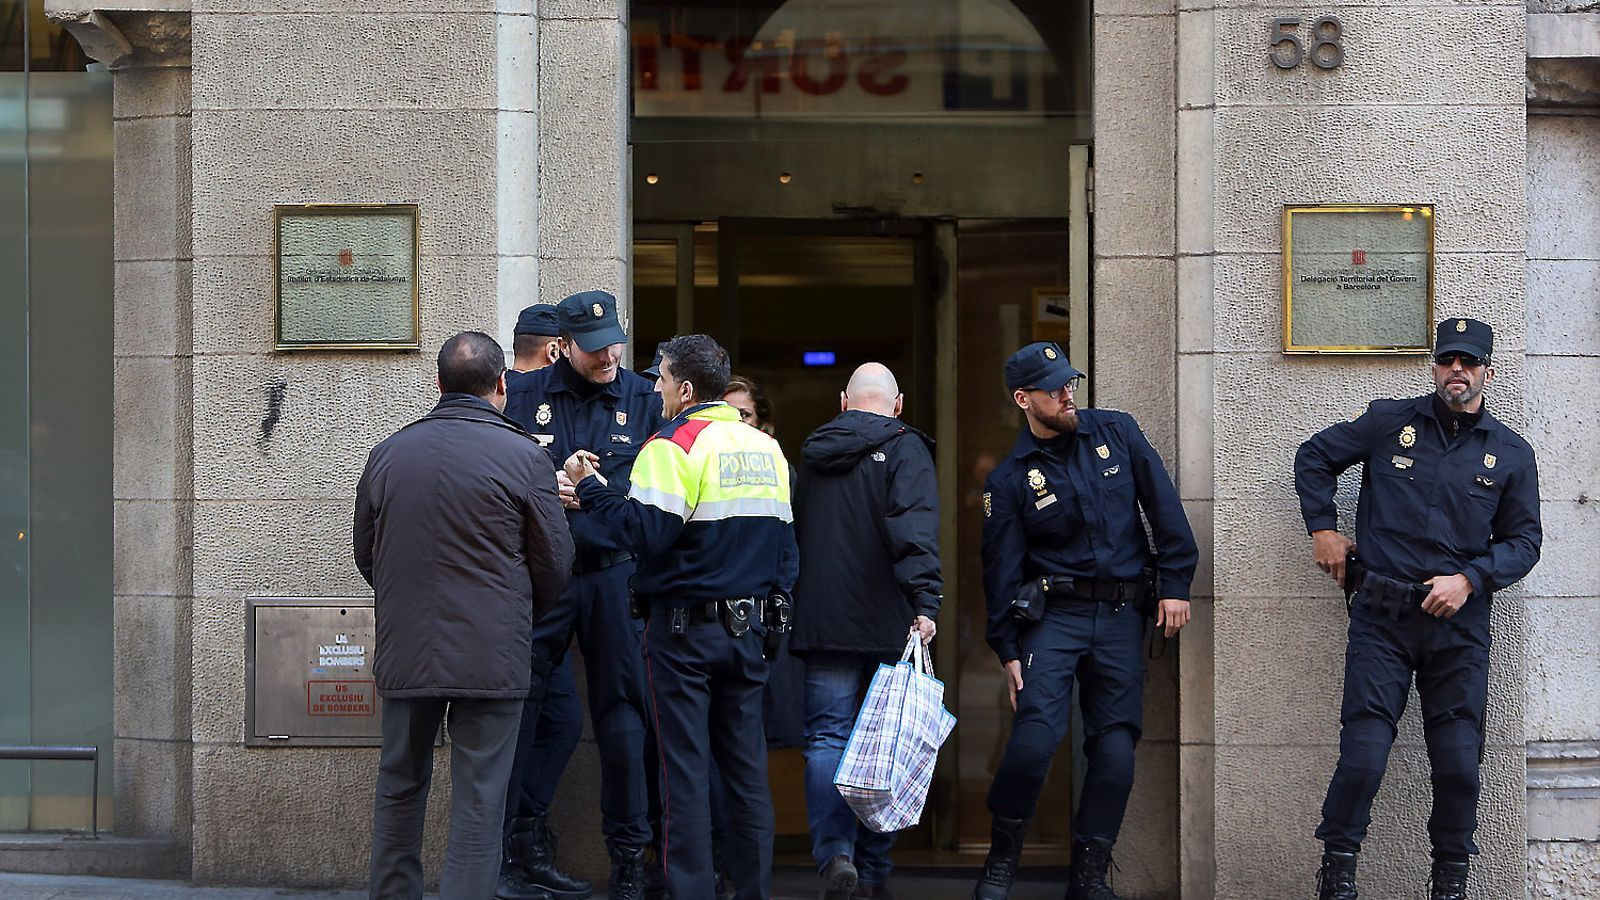 La Policia Nacional va escorcollar ahir al matí la seu de l'Idescat, situada a la Via Laietana de Barcelona, per trobar informació relacionada amb el cens del referèndum.